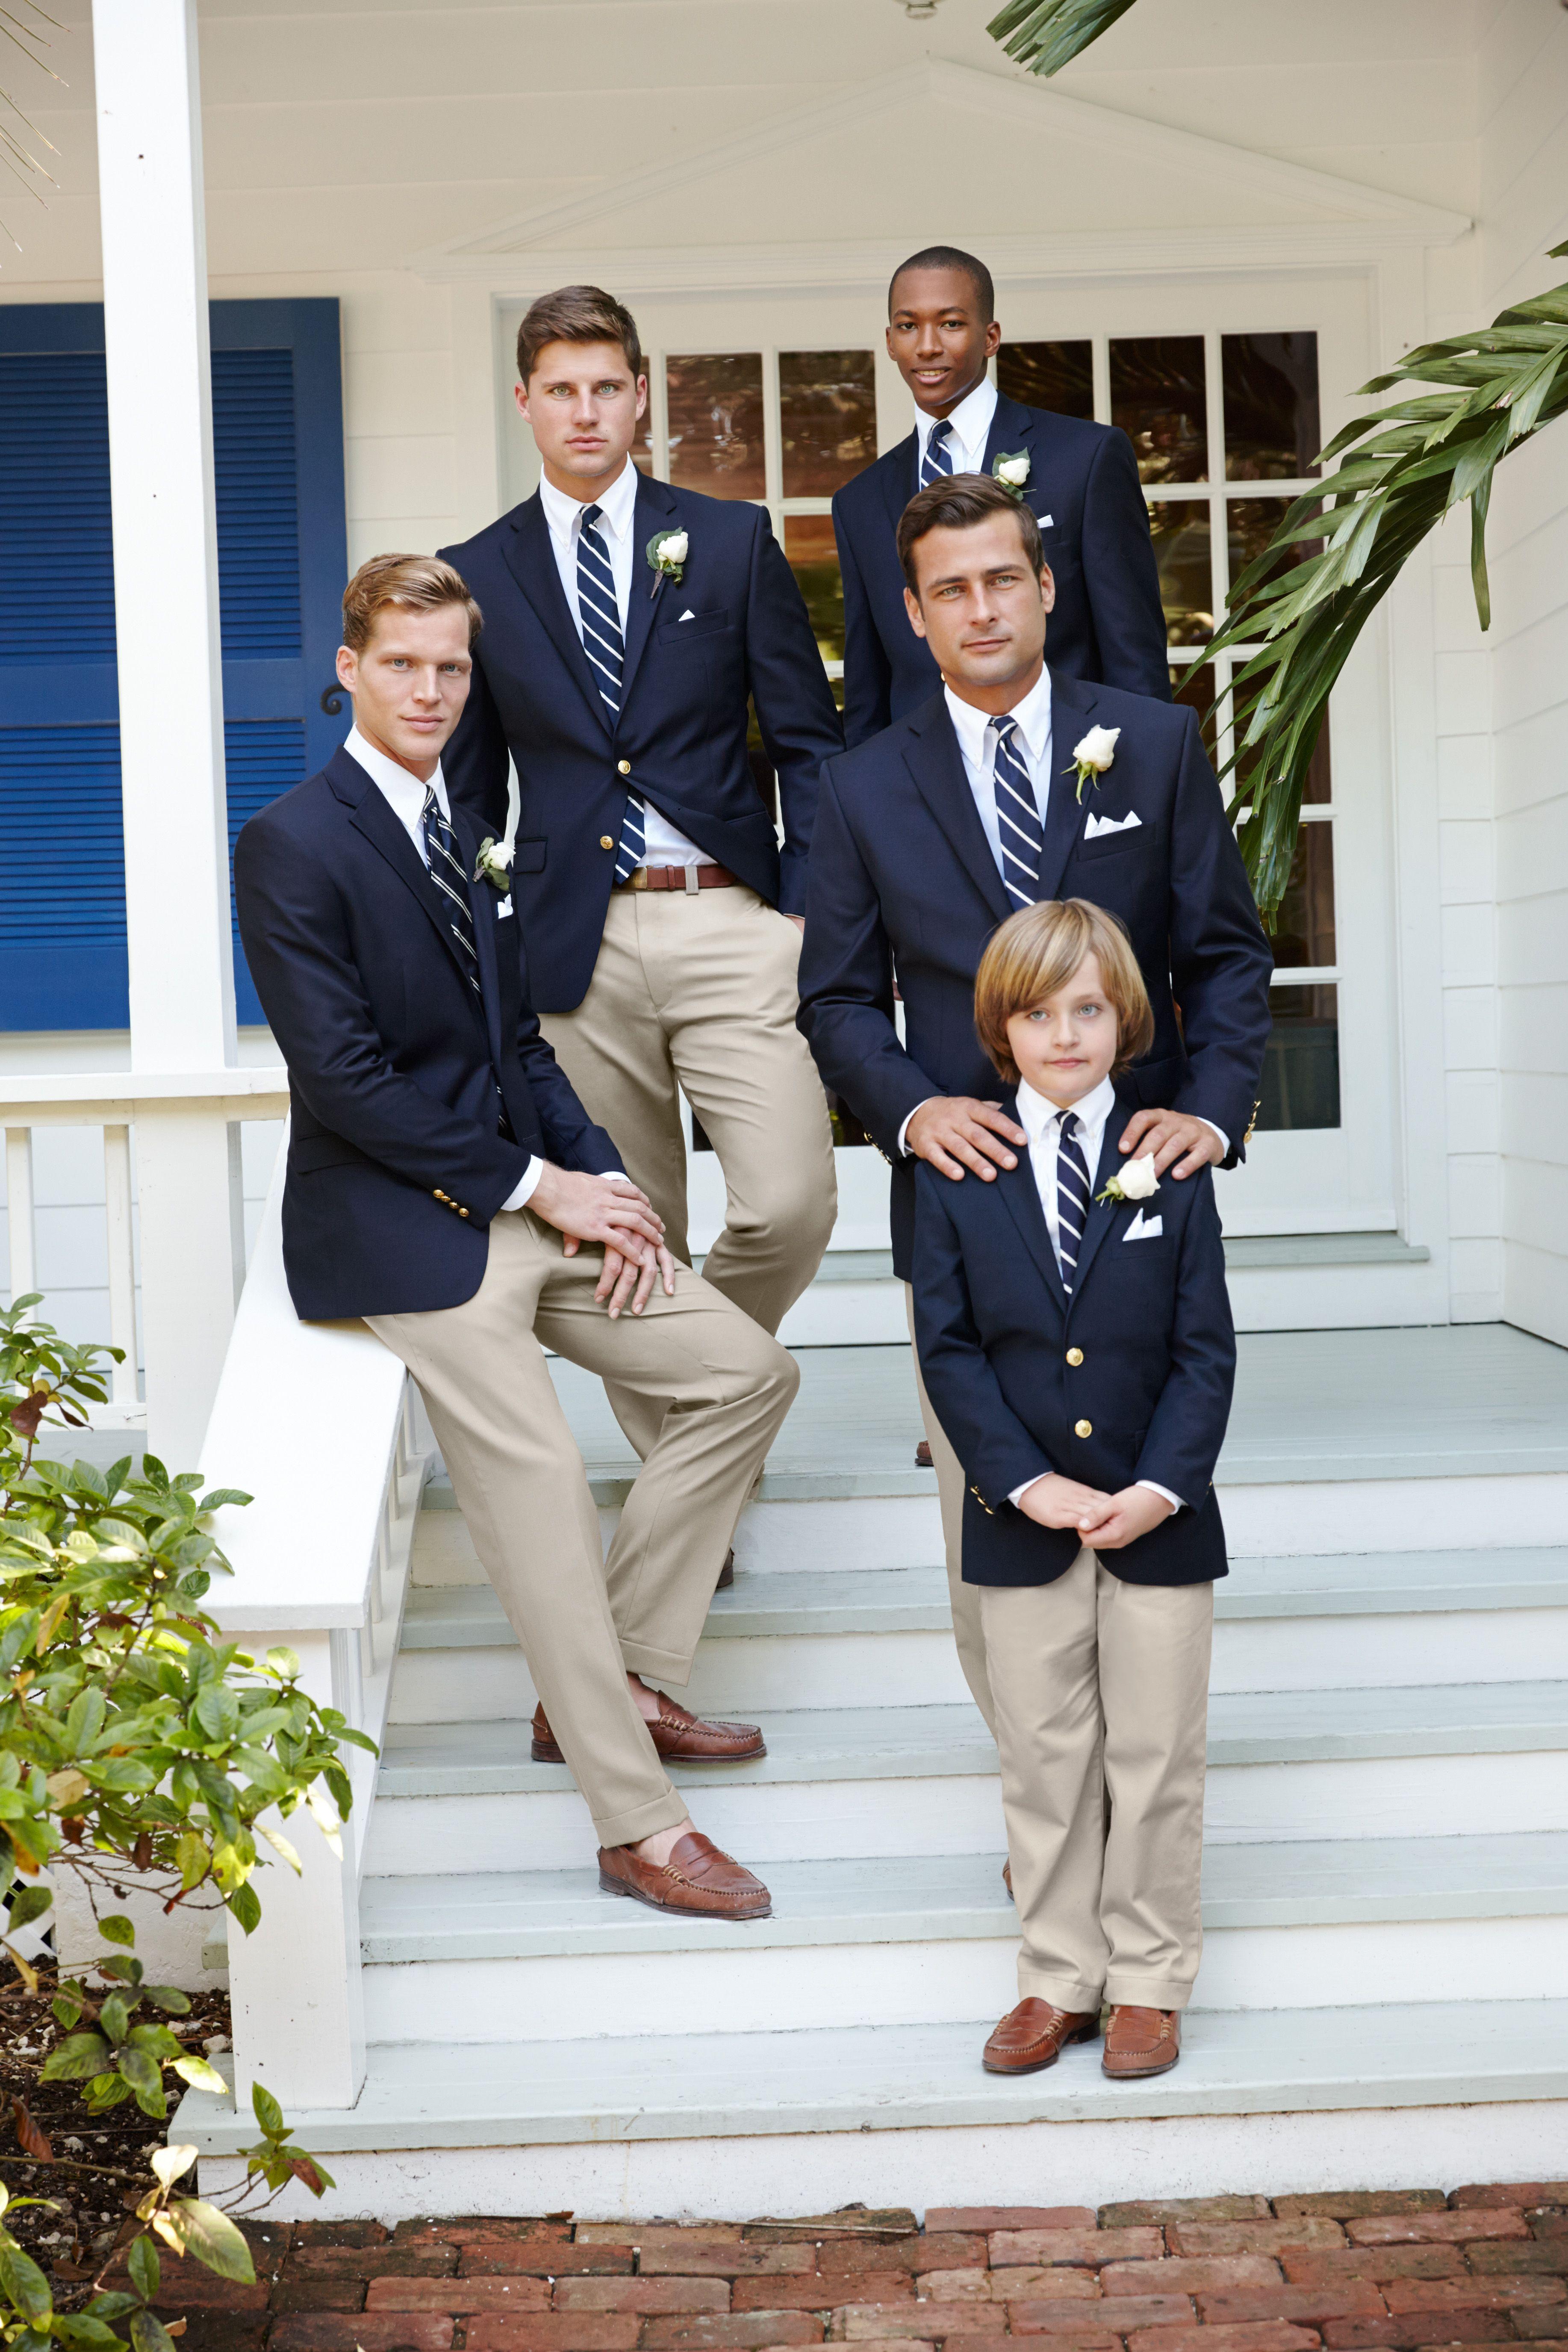 Lauren Ralph Lauren Wedding: Navy suit jackets have a classic charm for outdoor weddings.